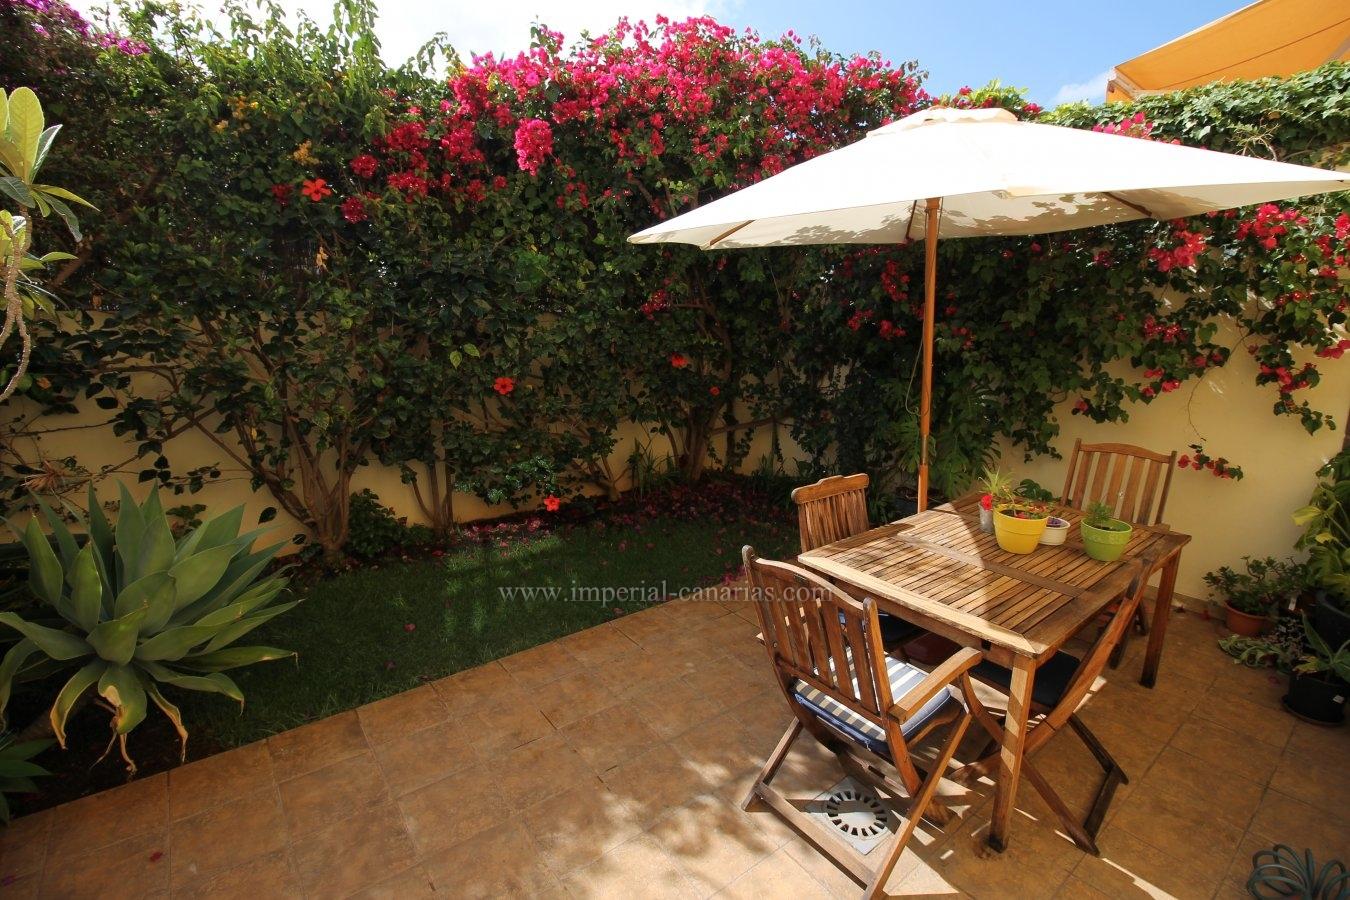 Encantador adosado con dos terrazas y un pequeño jardín donde disfrutar de la tranquilidad